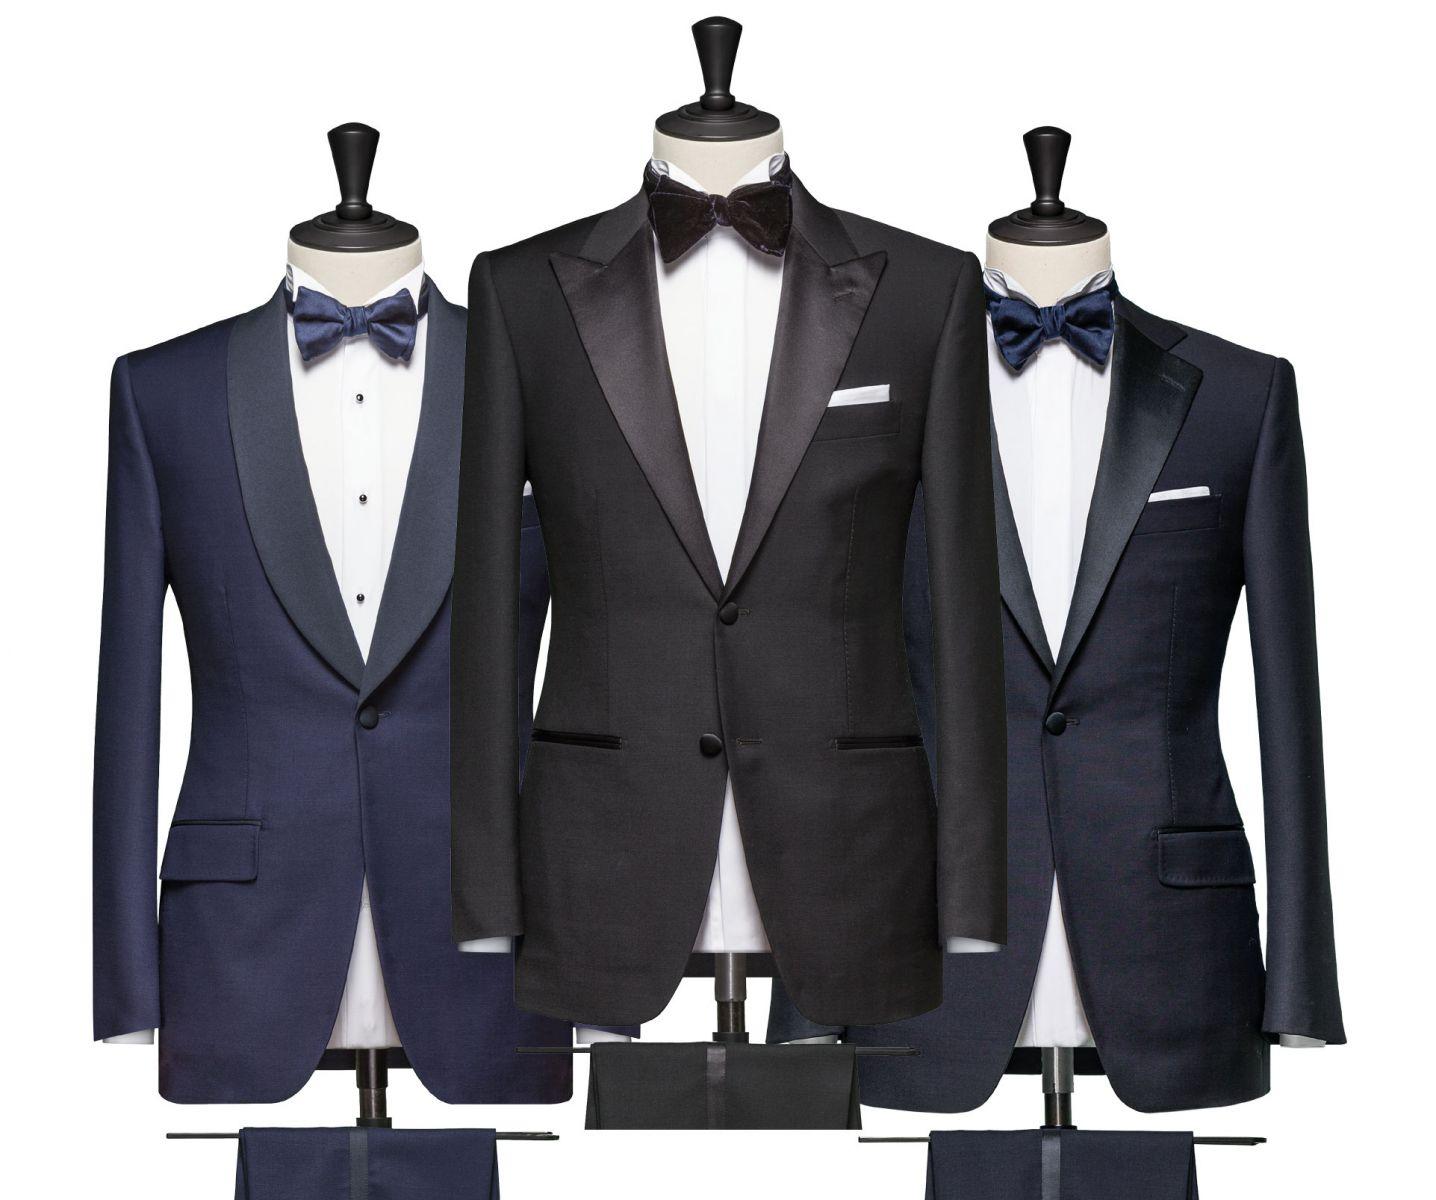 Tuxedo là gì? Những điều cần biết về trang phục Tuxedo